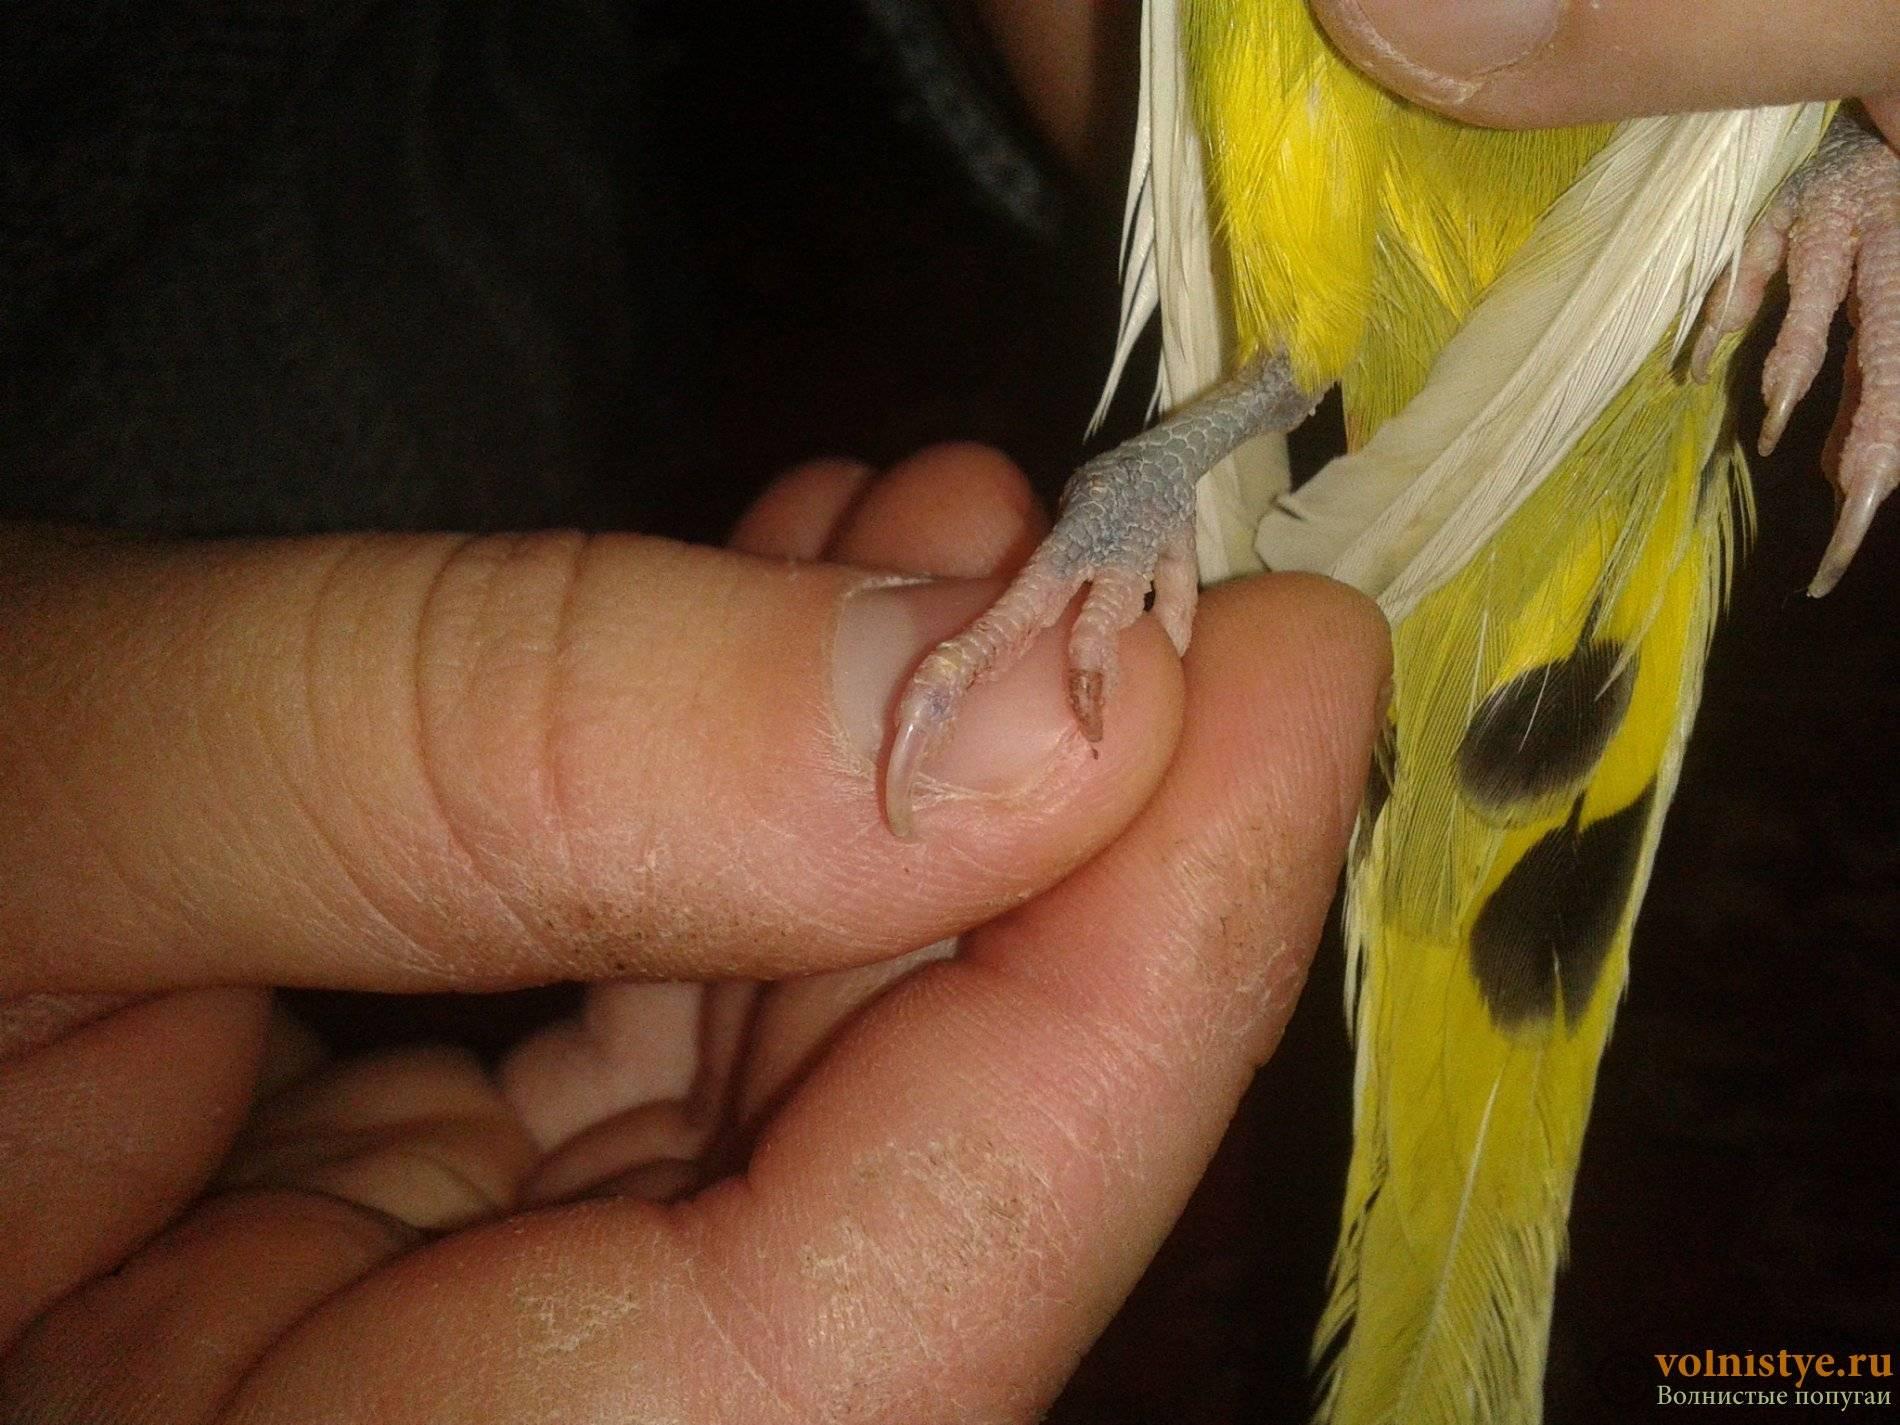 Как понять, что у попугая завелись блохи? | болезни попугаев избавление от блох у попугаев — топ эффективных домашних методов | болезни попугаев